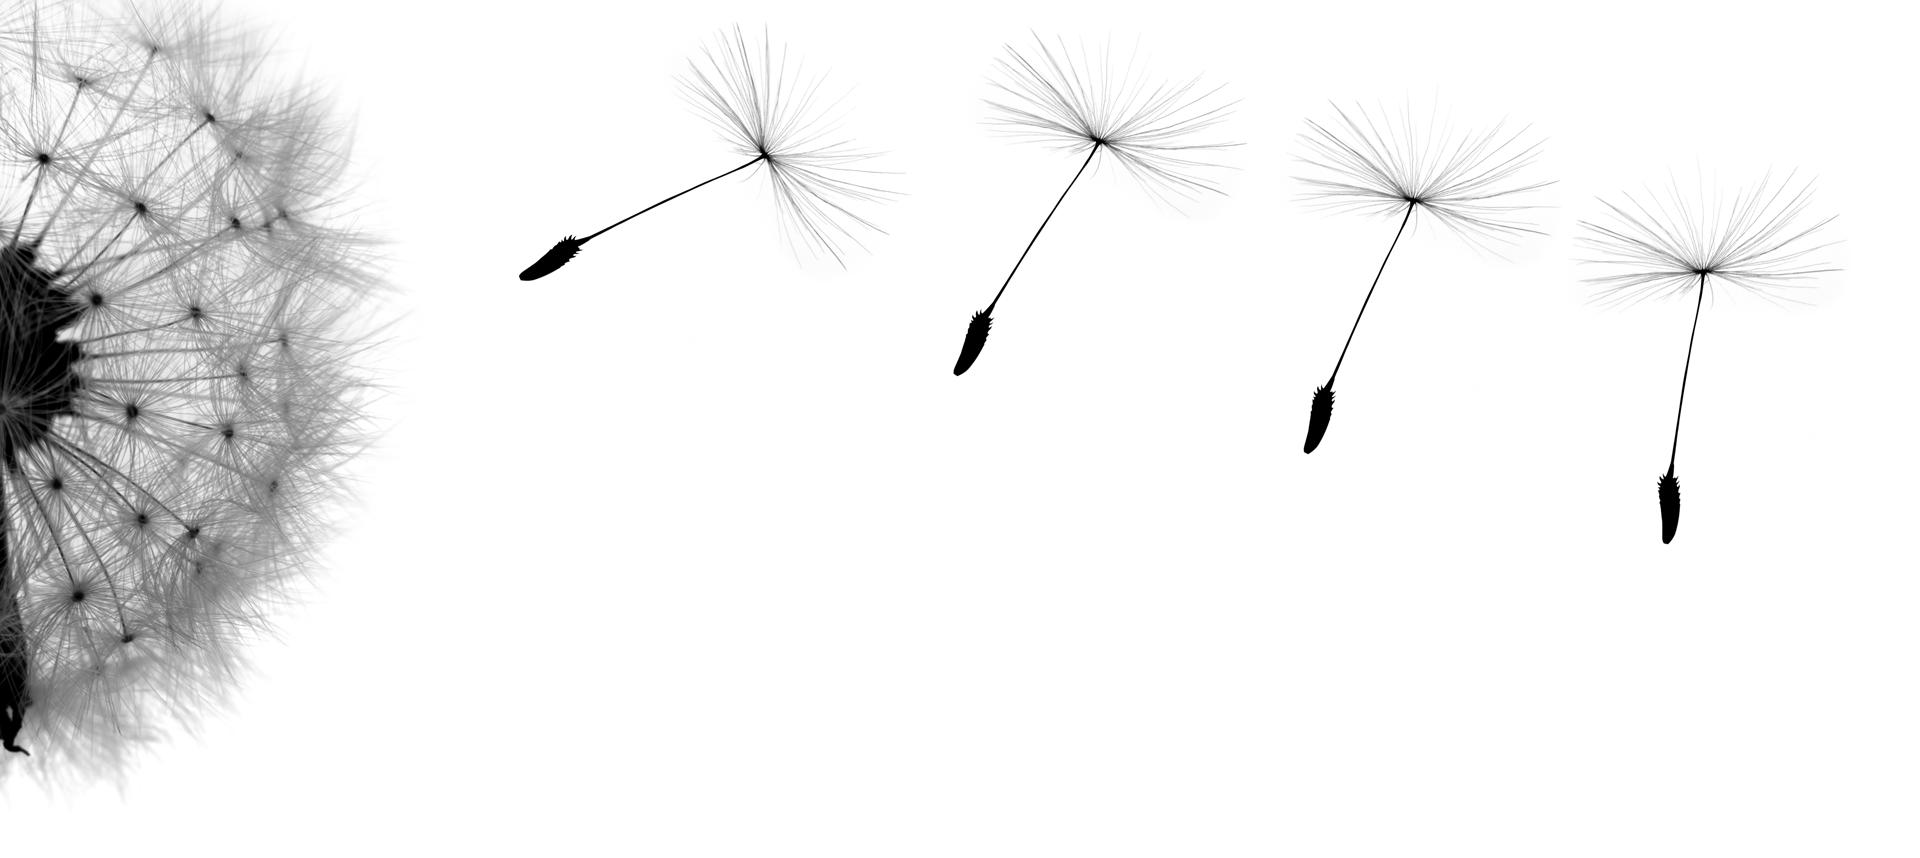 dandelions approach